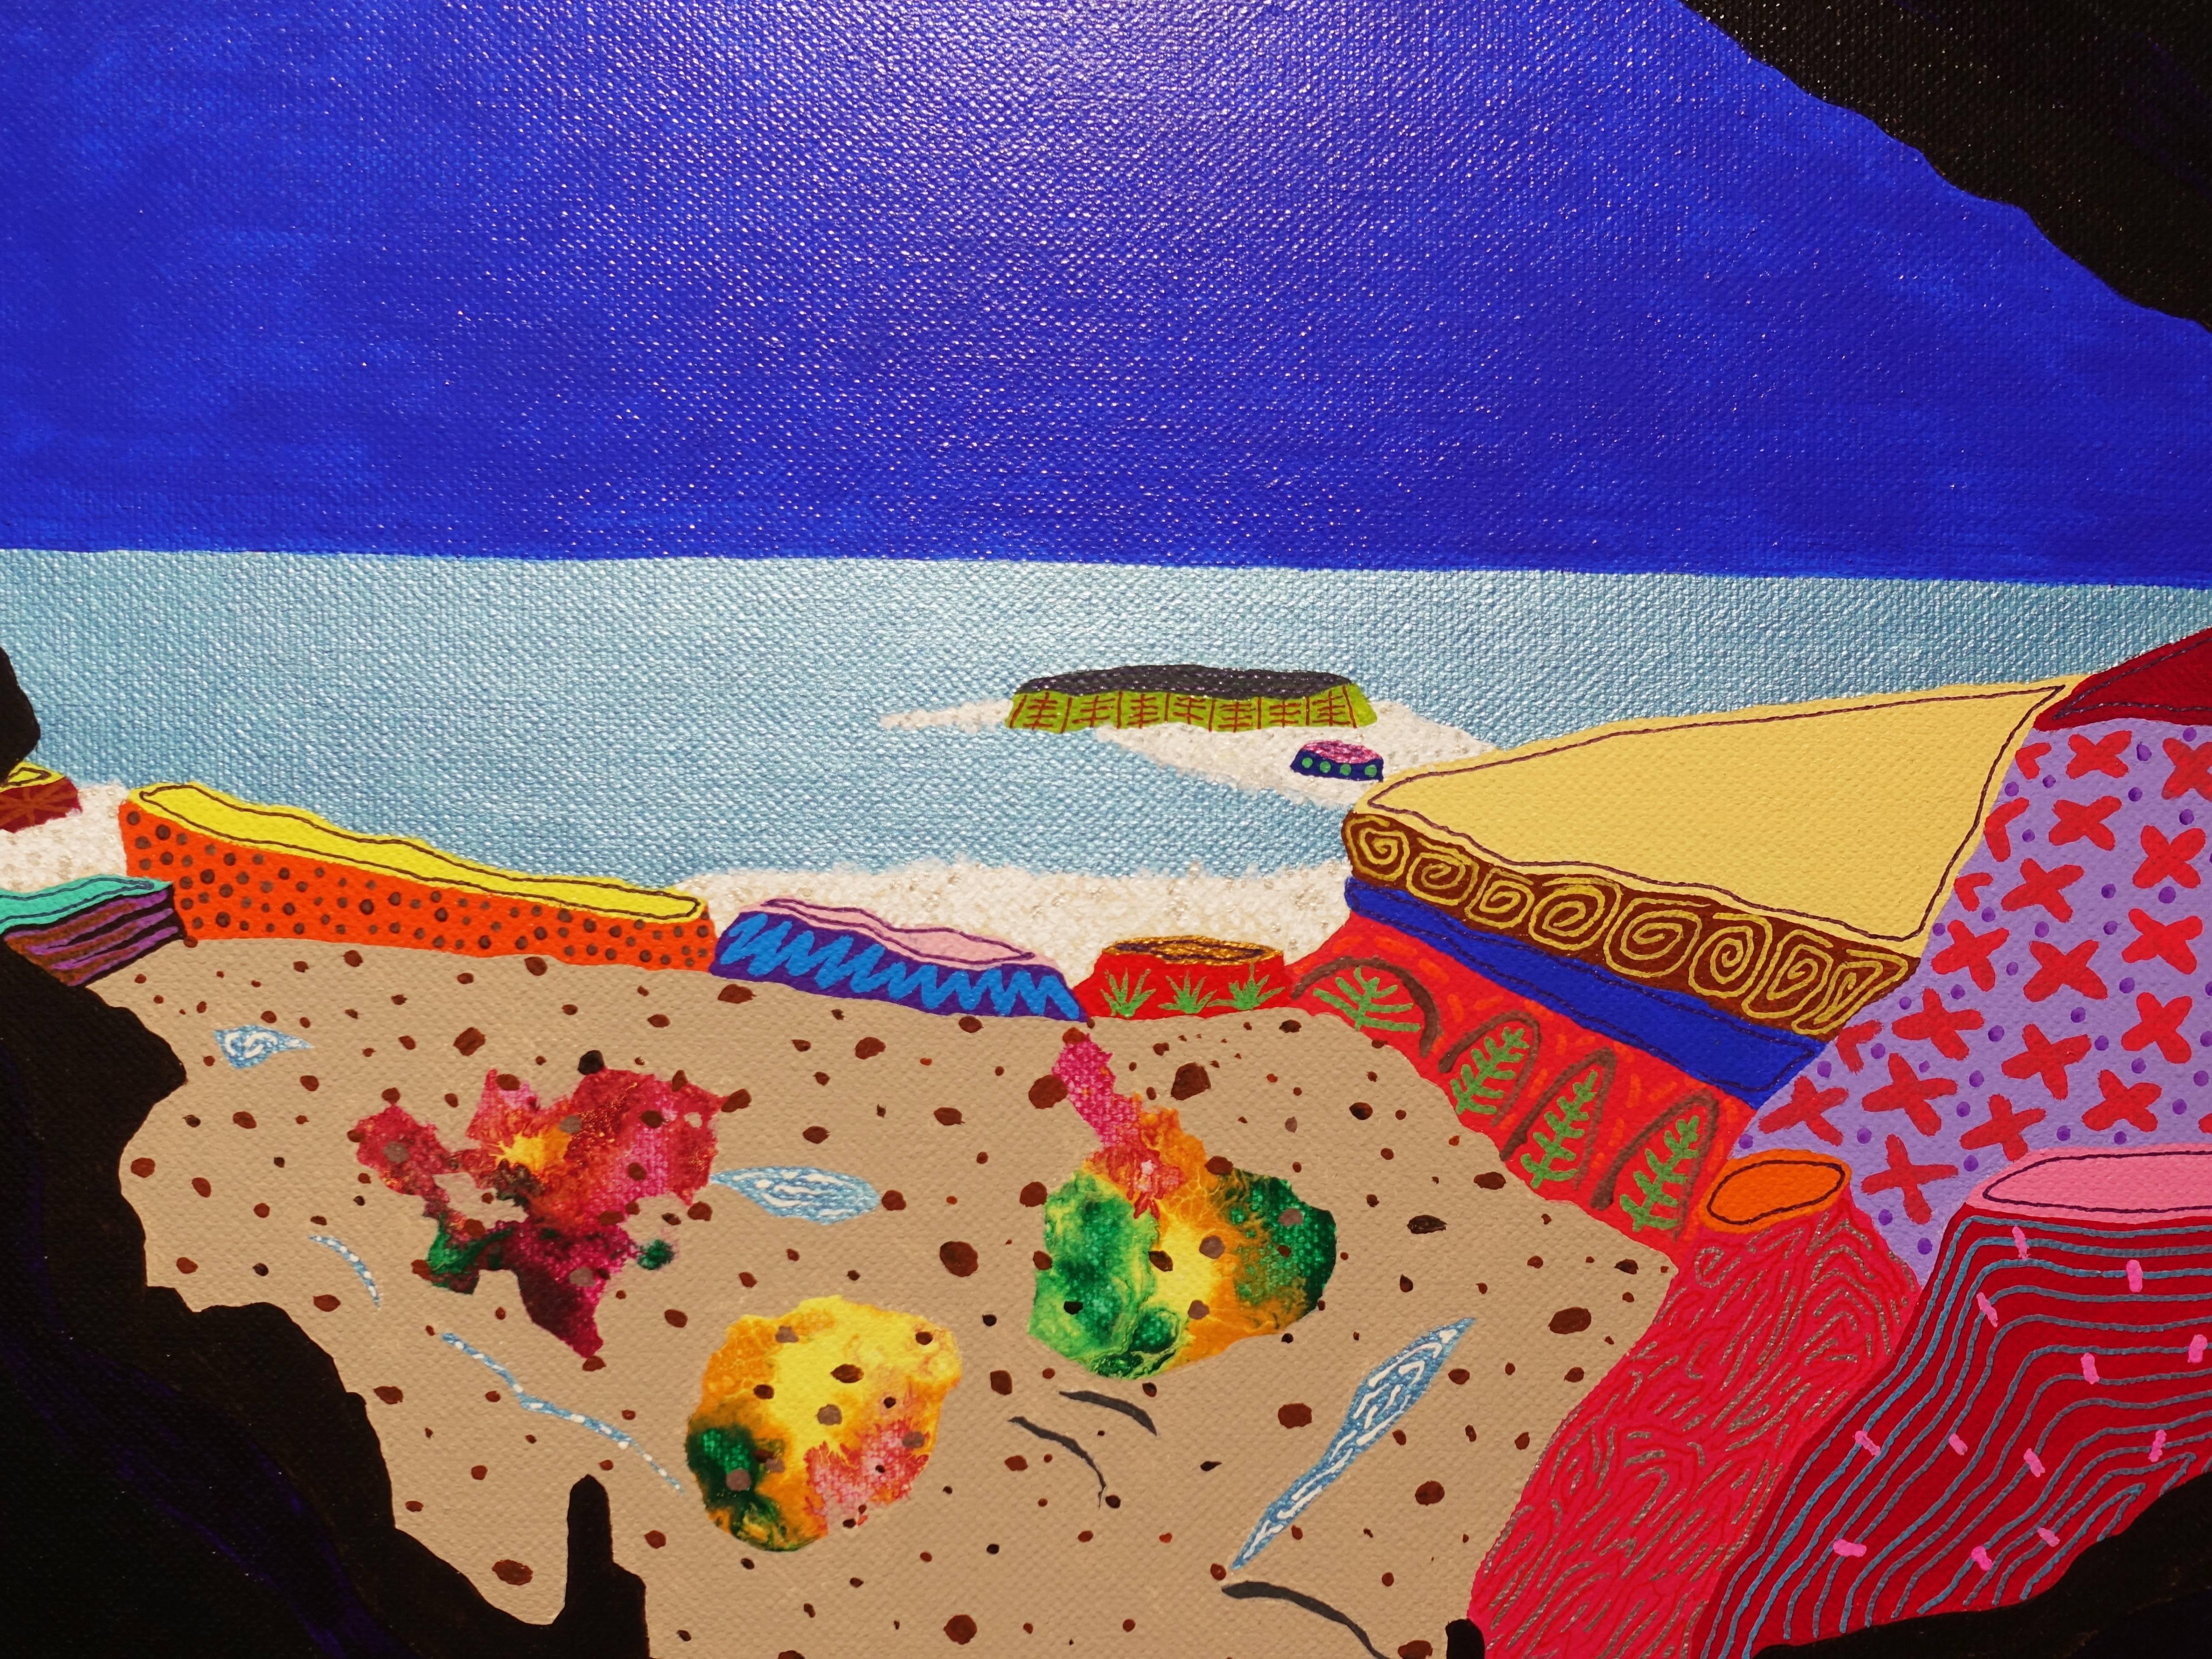 盧俊翰,《合歡洞》細節,91 x 72.5 cm,壓克力,2019。